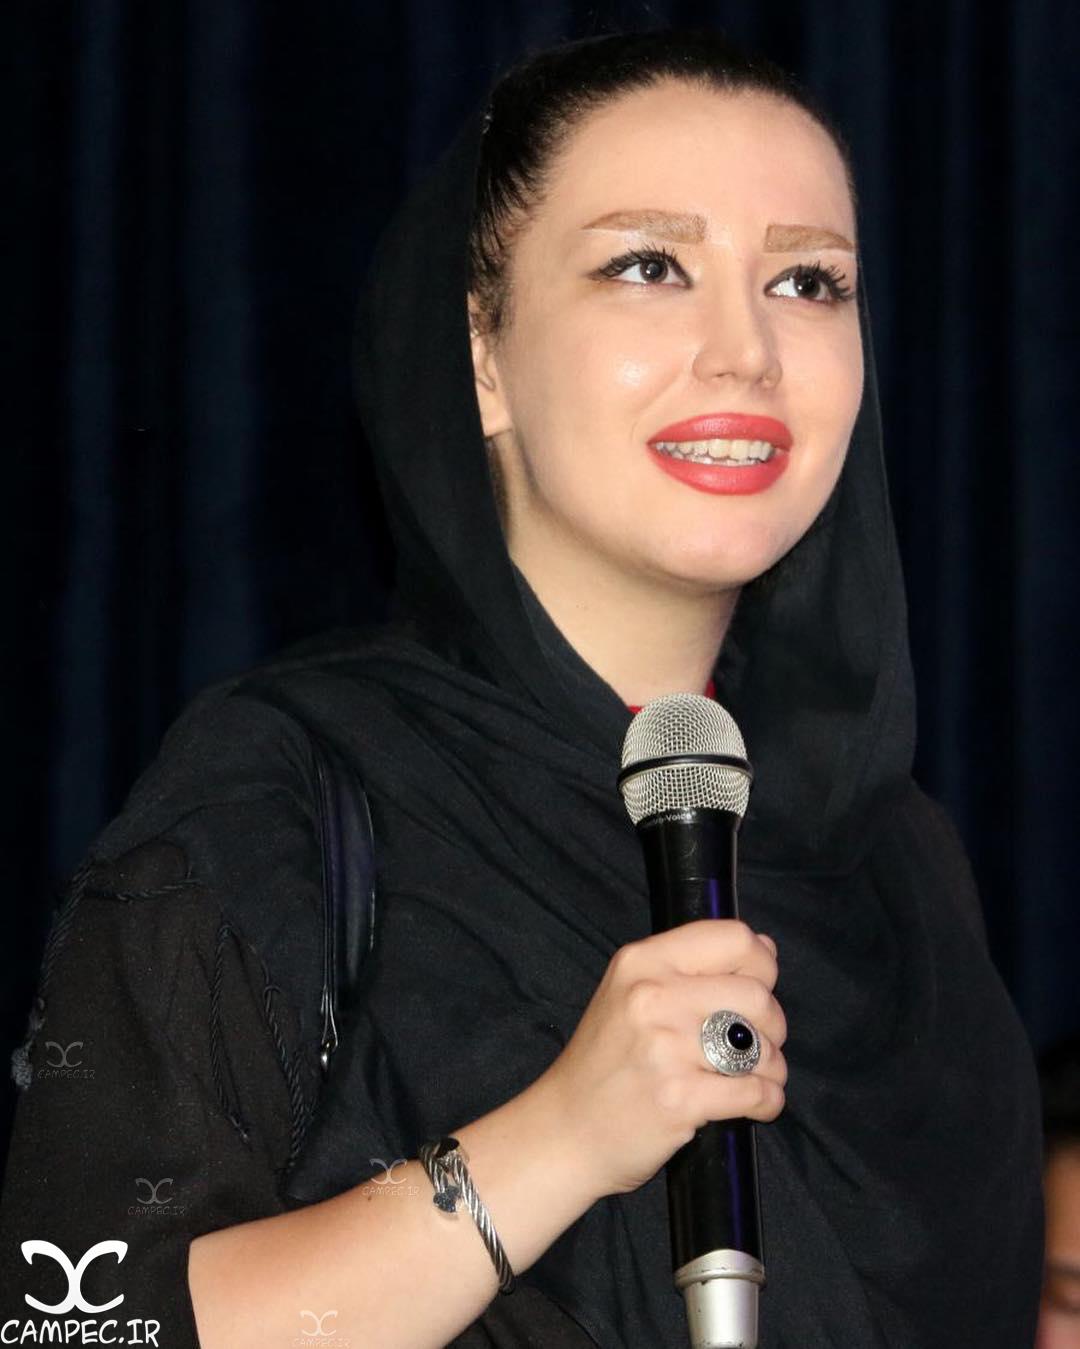 شیما شهامتی